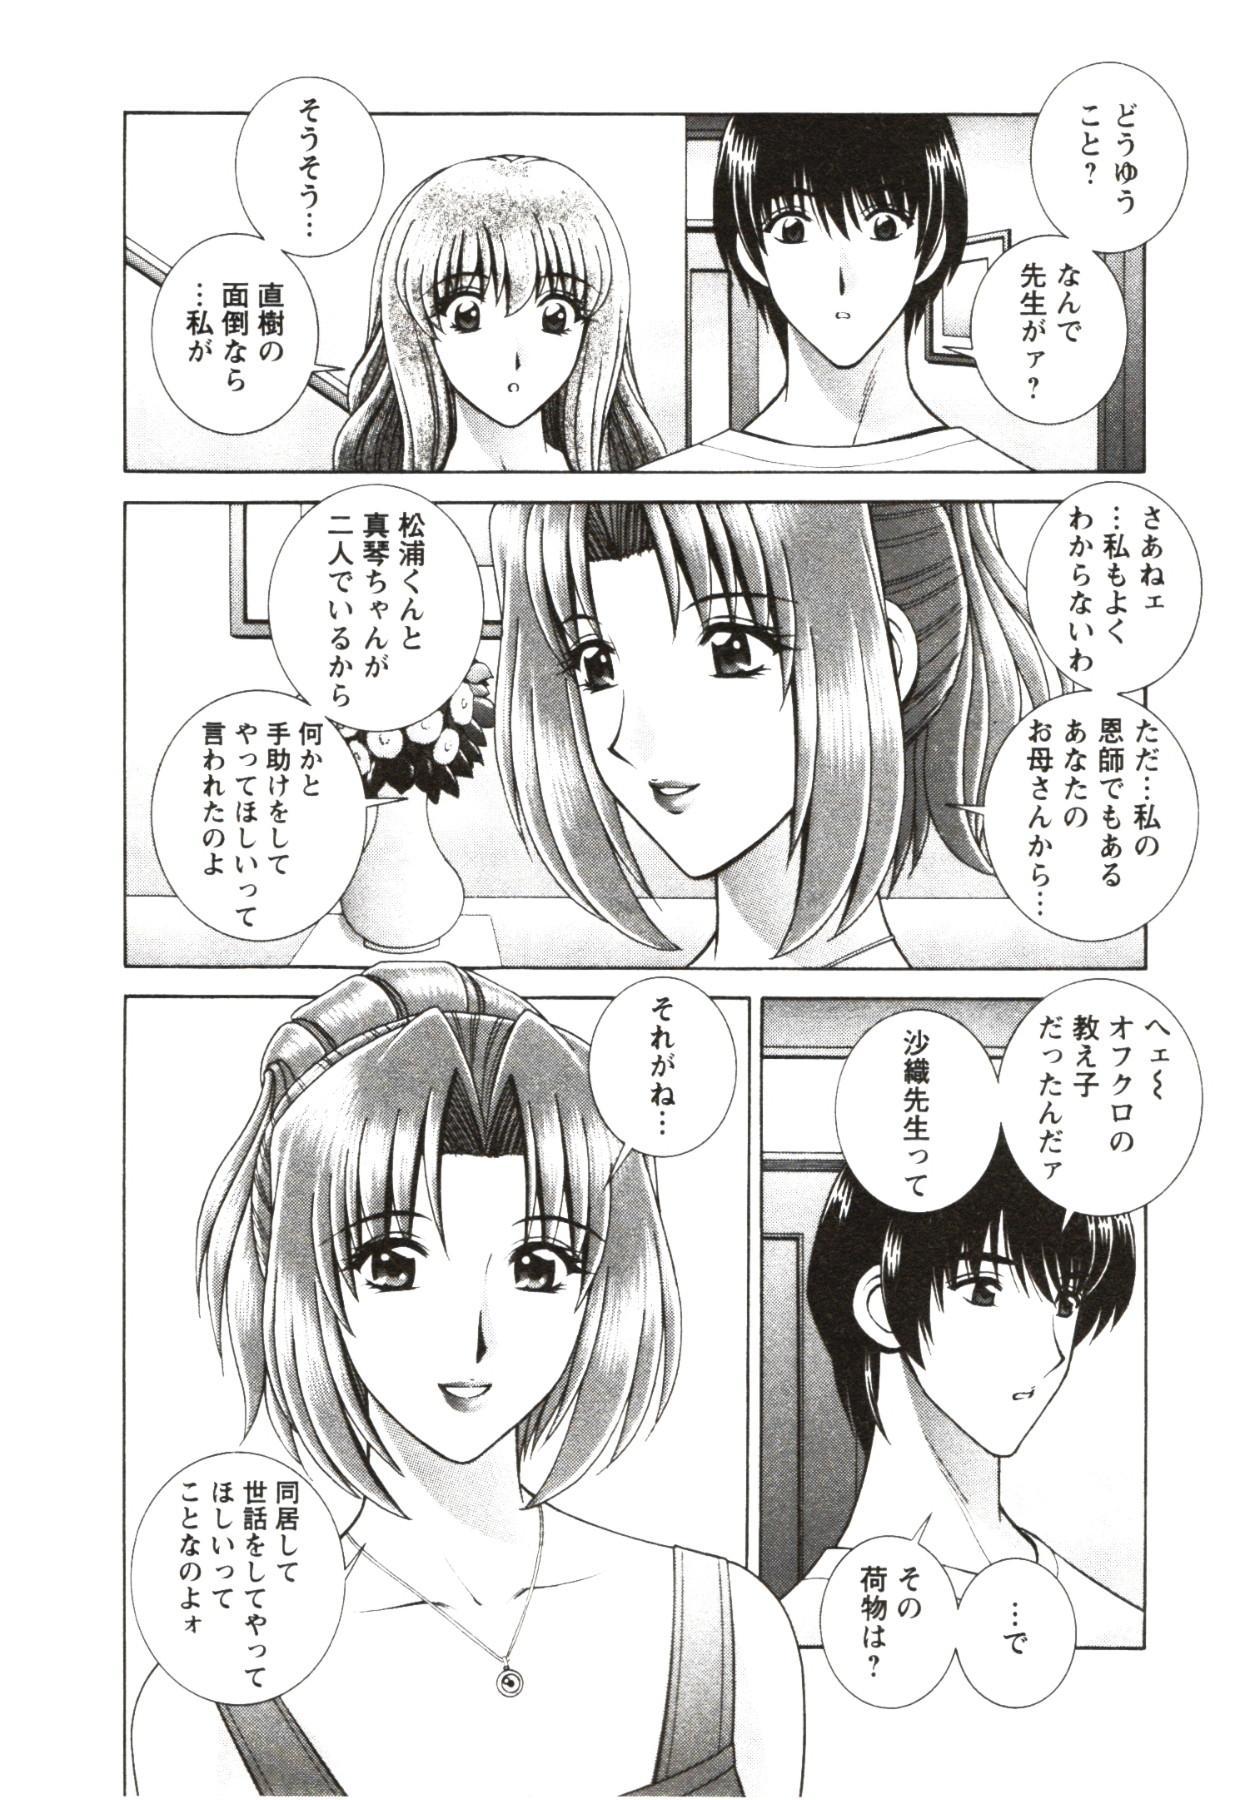 Futarigurashi 25